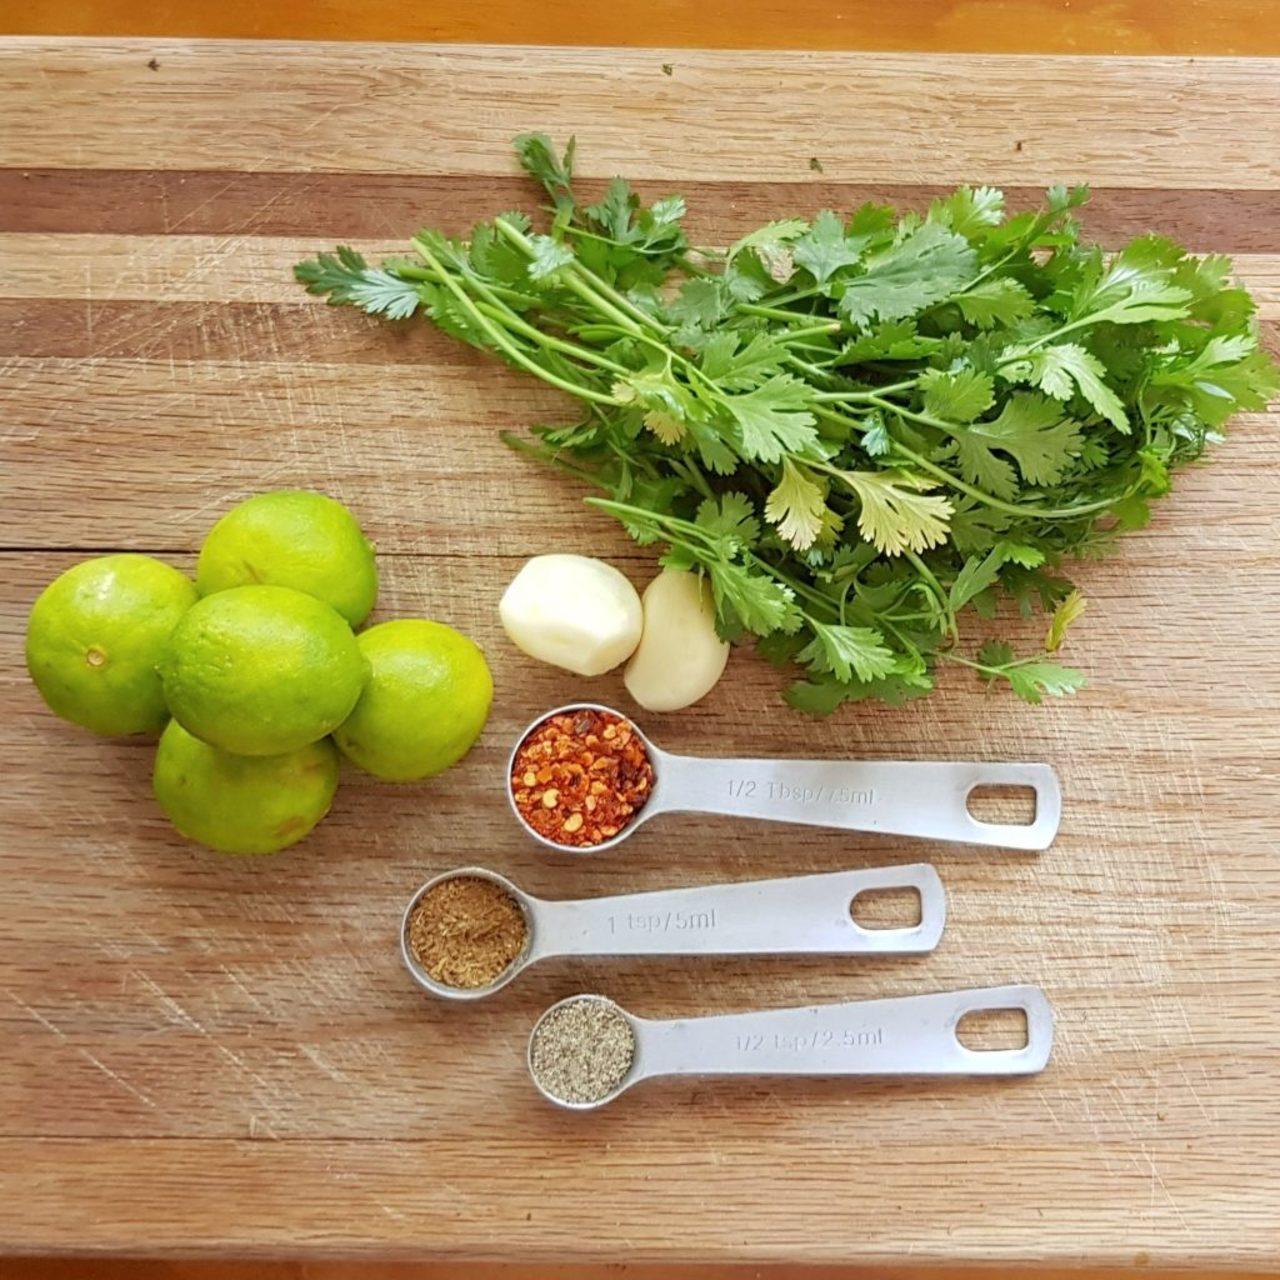 Ingredientes que los españoles introdujeron